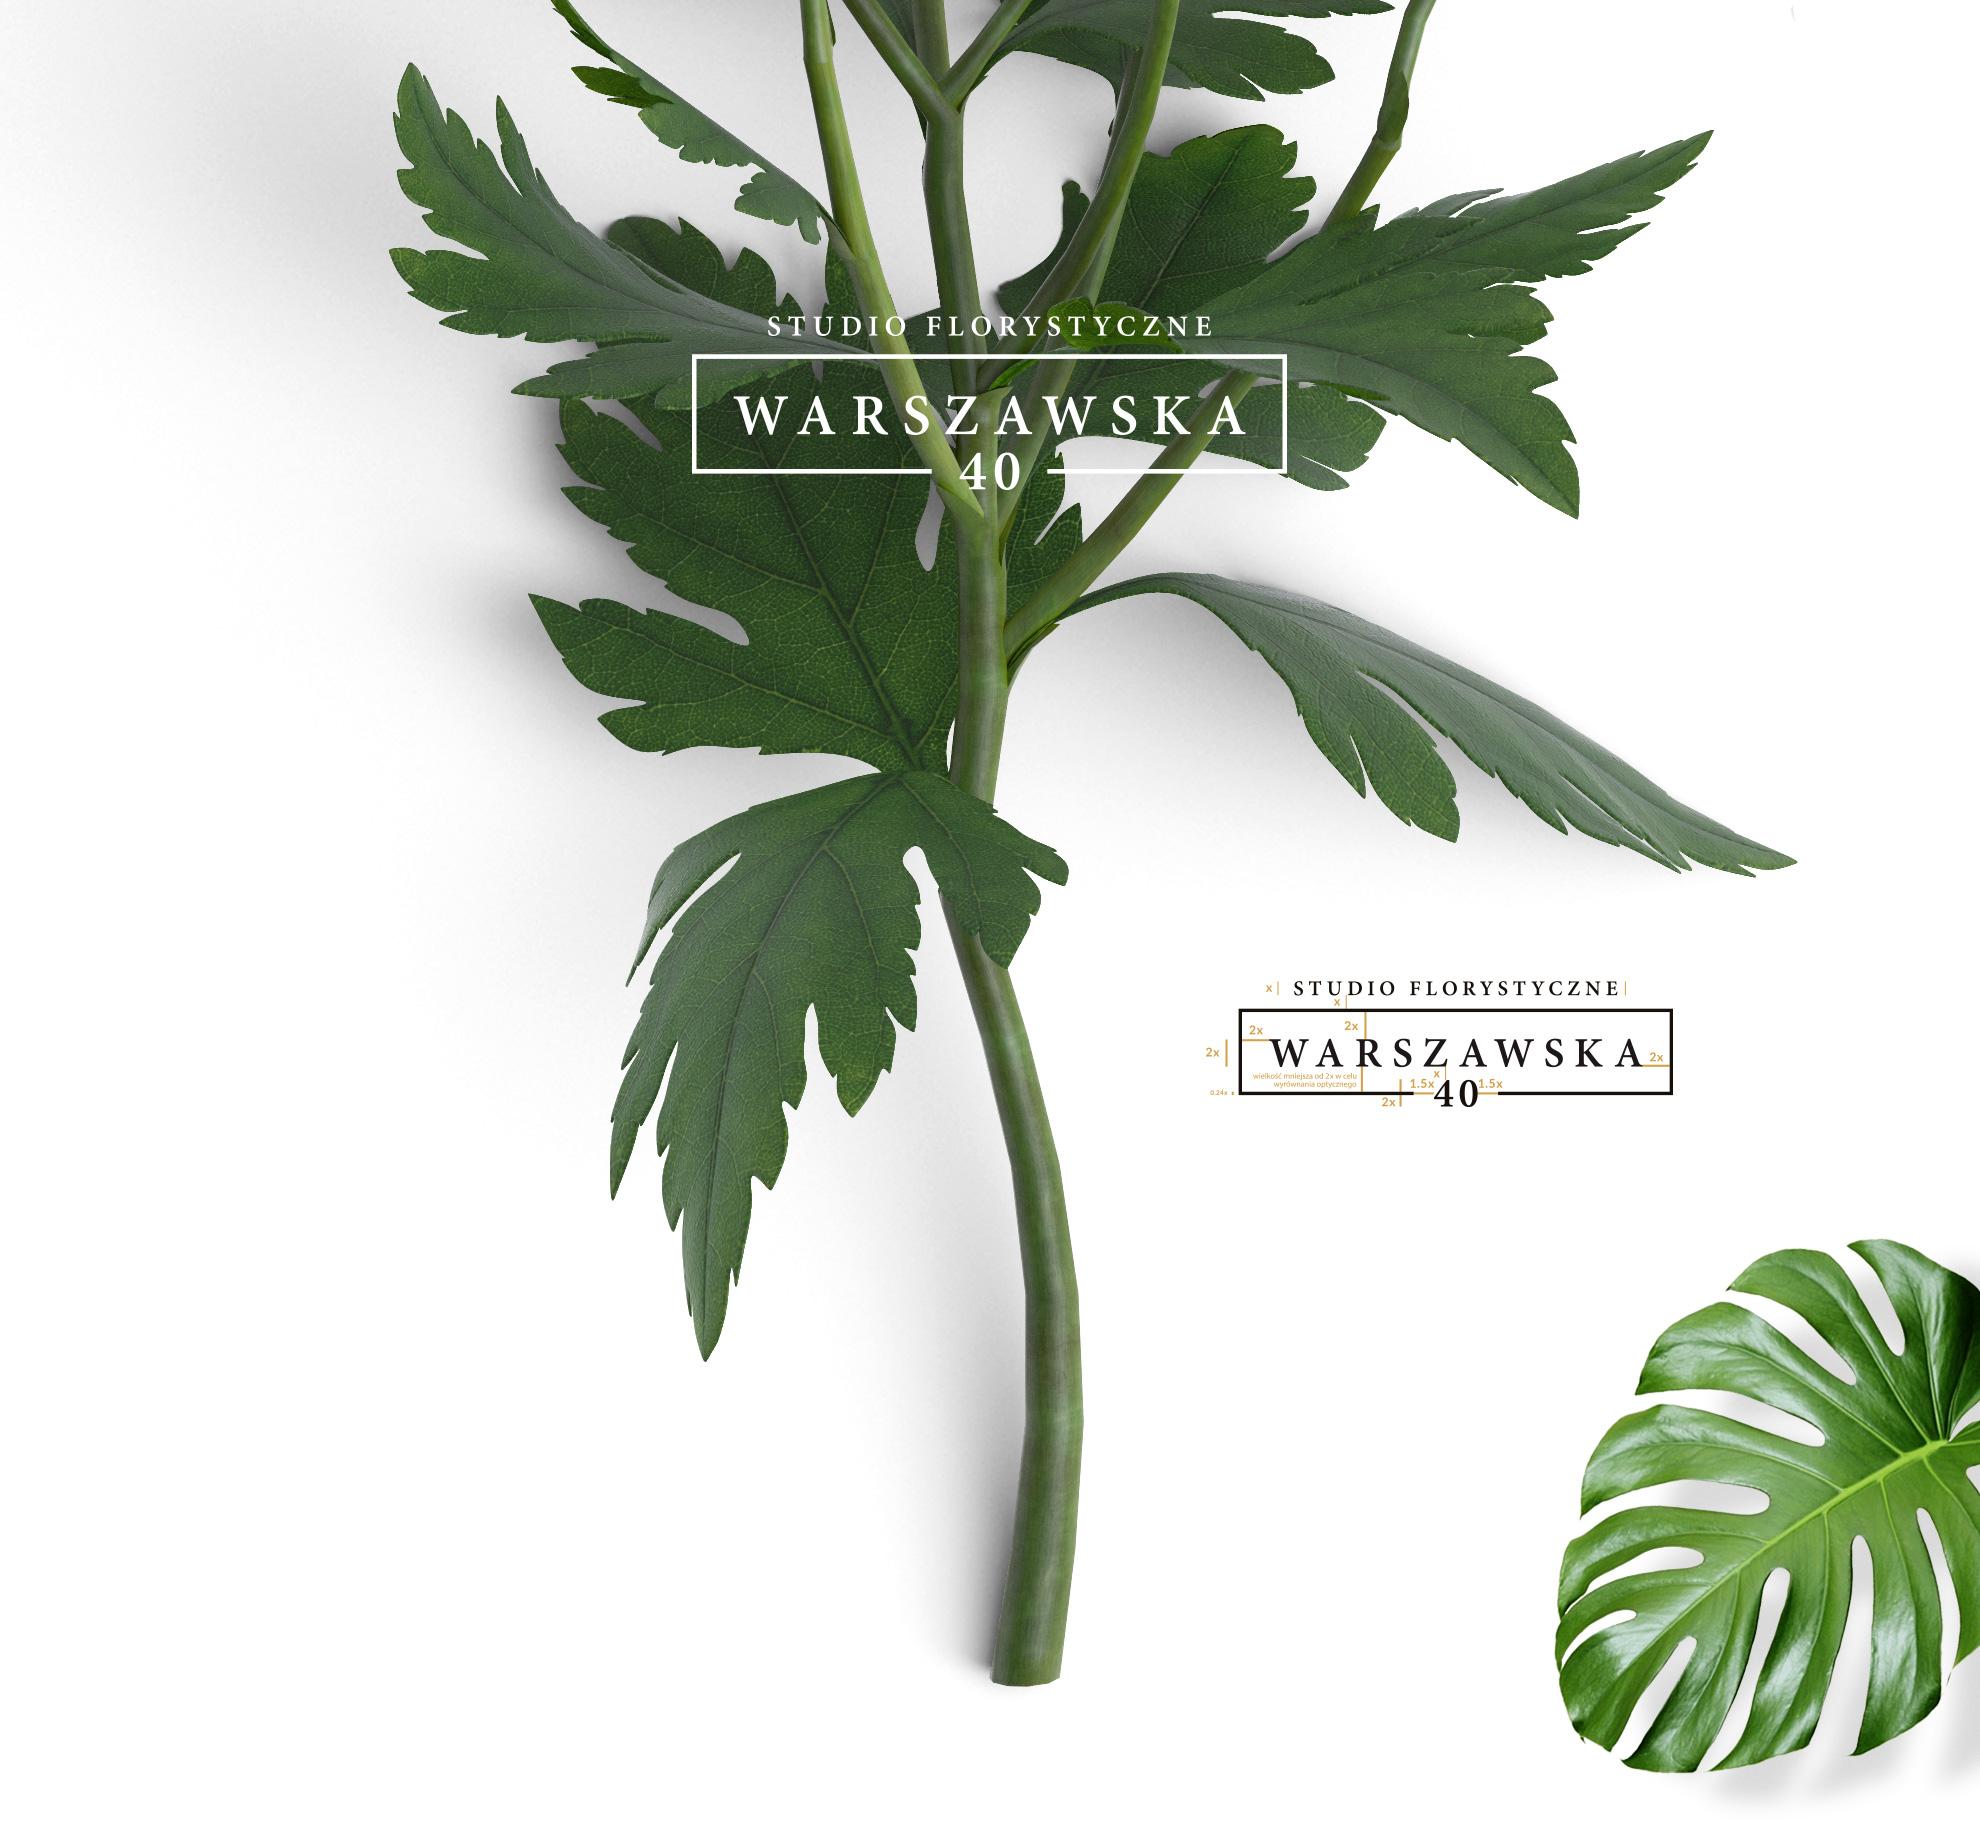 branding Studio Florystyczne Warszawska 40, projekt logo - endure agency